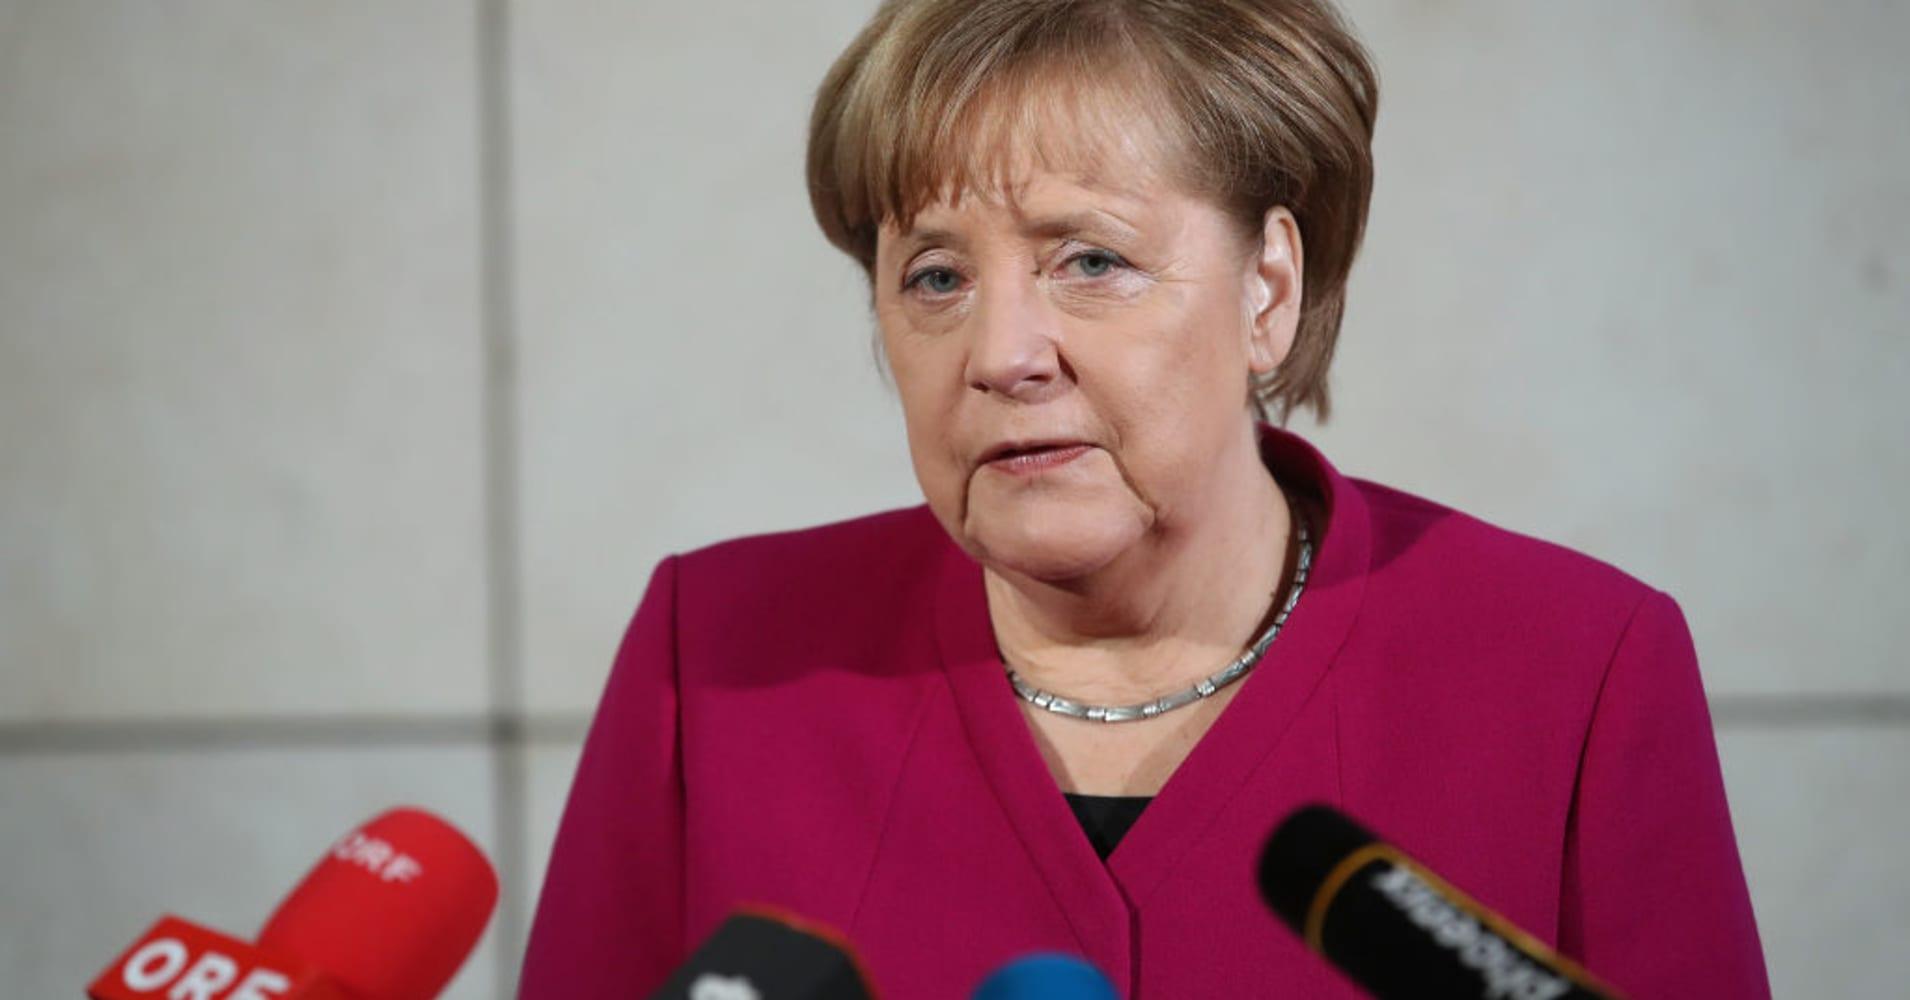 Merkel's CDU votes on German coalition deal after new cabinet picks